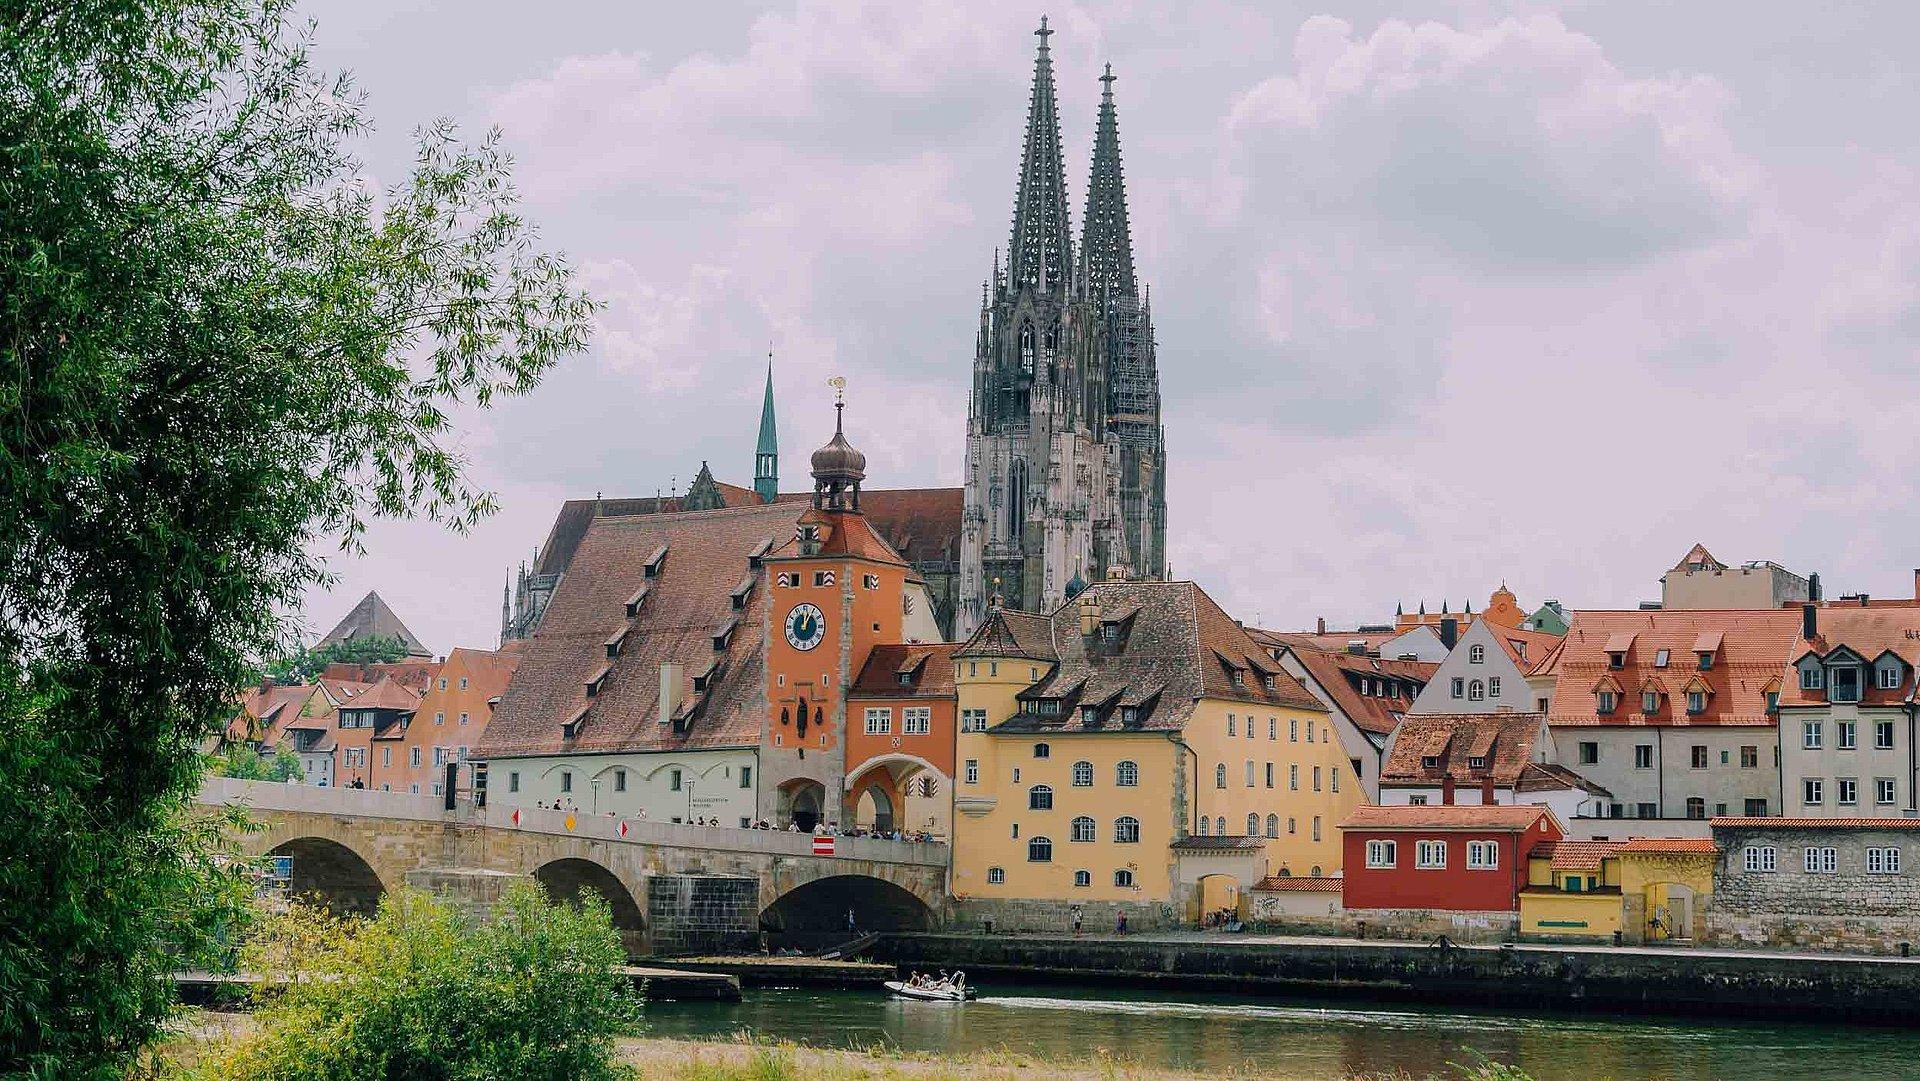 Veranstaltungen Regensburg Morgen : veranstaltungen in regensburg ausgew hlte events und veranstaltungen ~ A.2002-acura-tl-radio.info Haus und Dekorationen